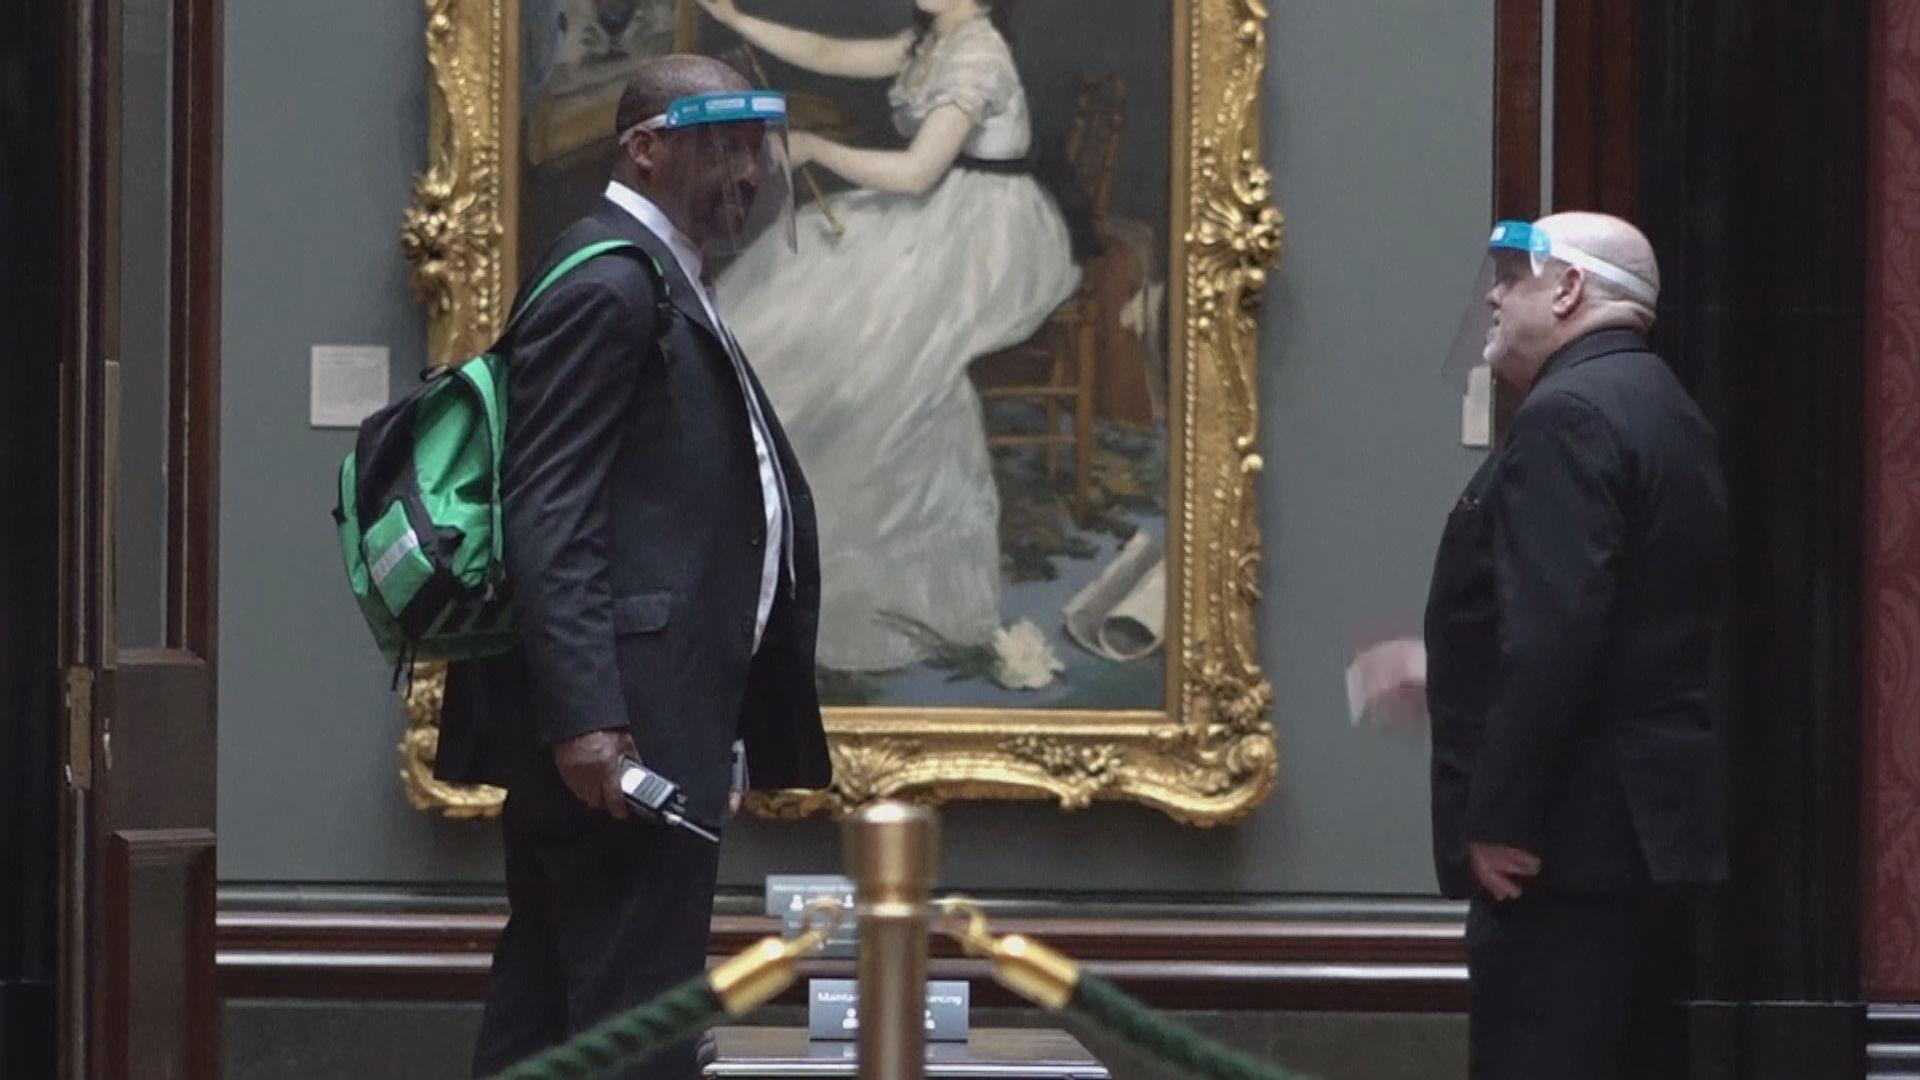 【環球薈報】英國擬擲15億英鎊救藝術文化界